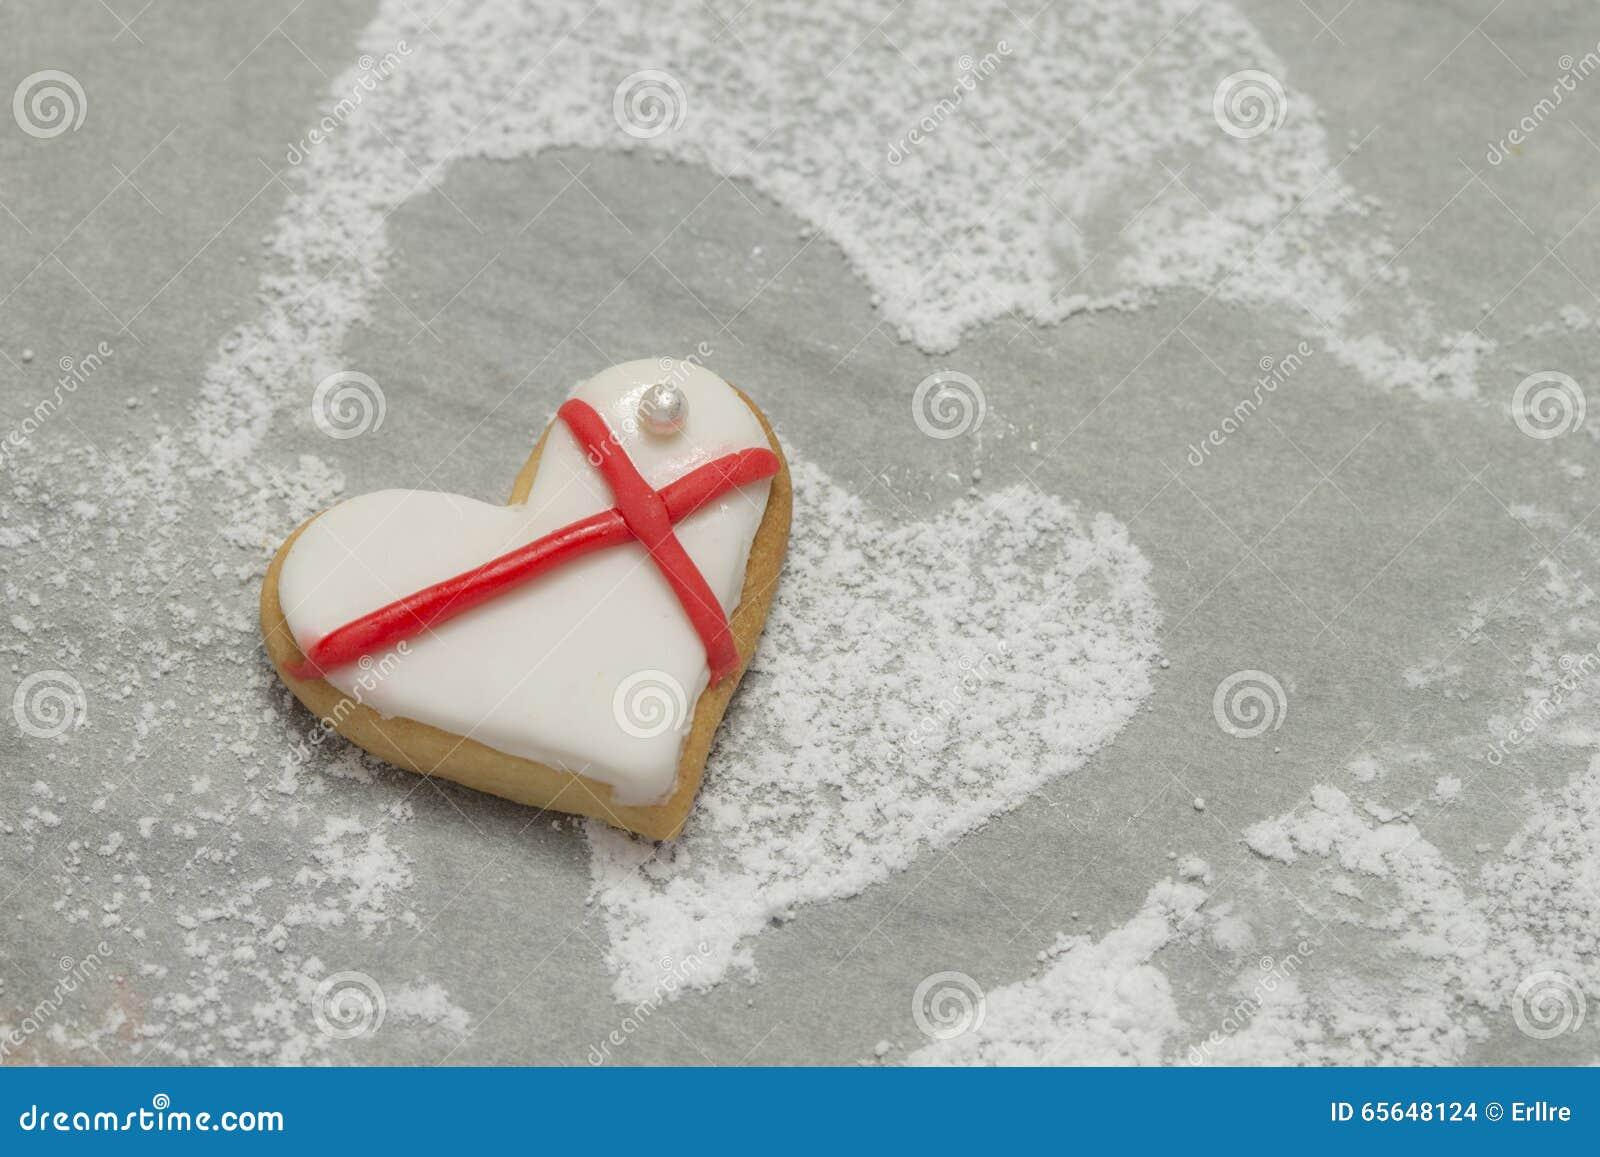 Le coeur de la valentine cuite au four avec le glaçage blanc et rouge